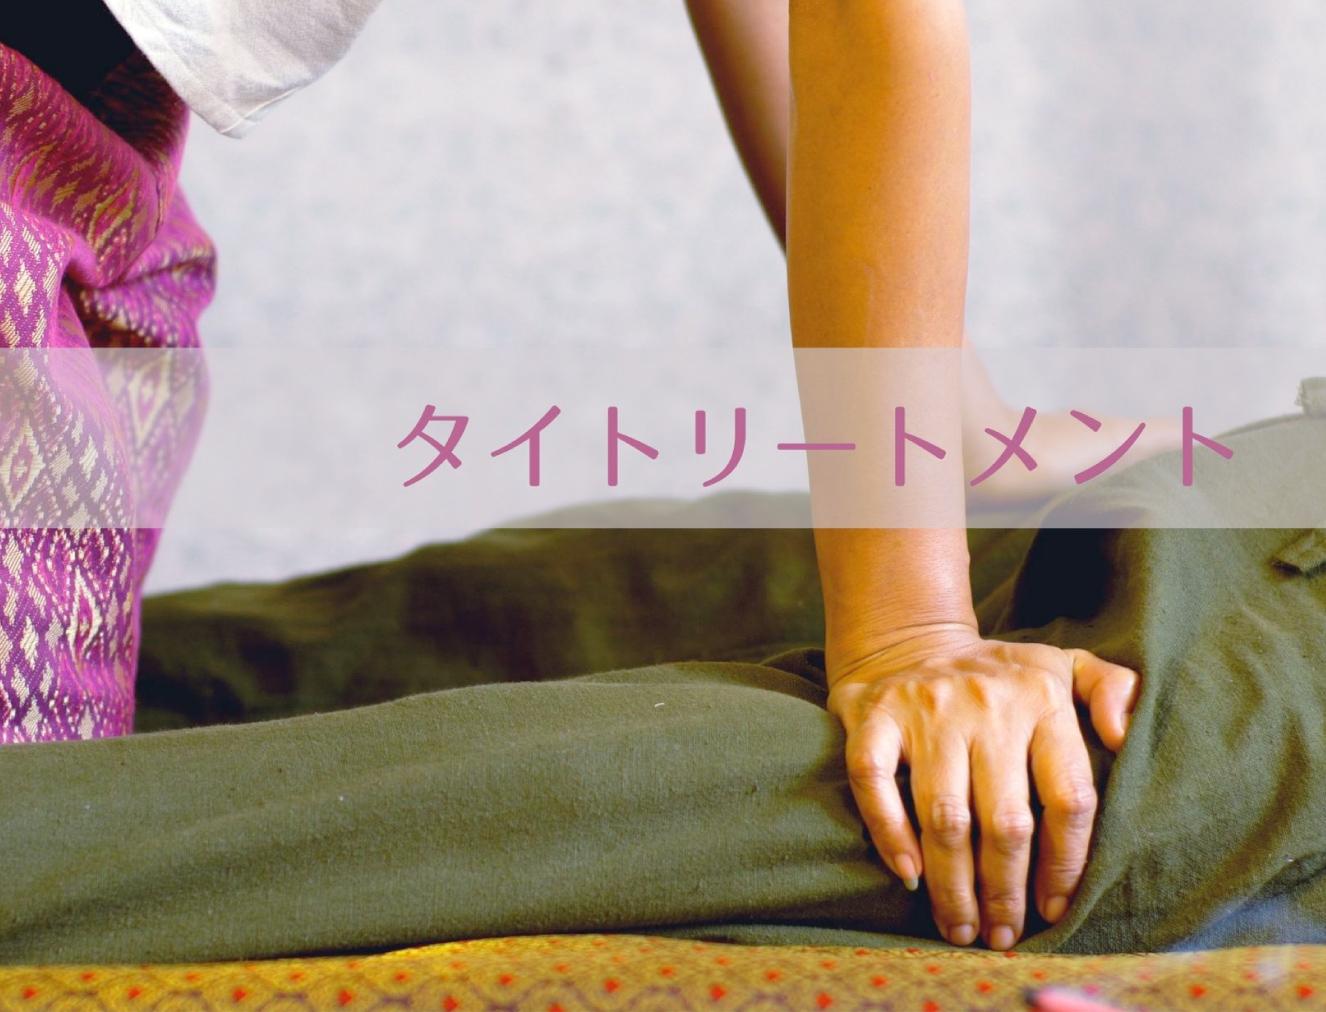 癒し・癒される タイトリートメント〜Metta〜